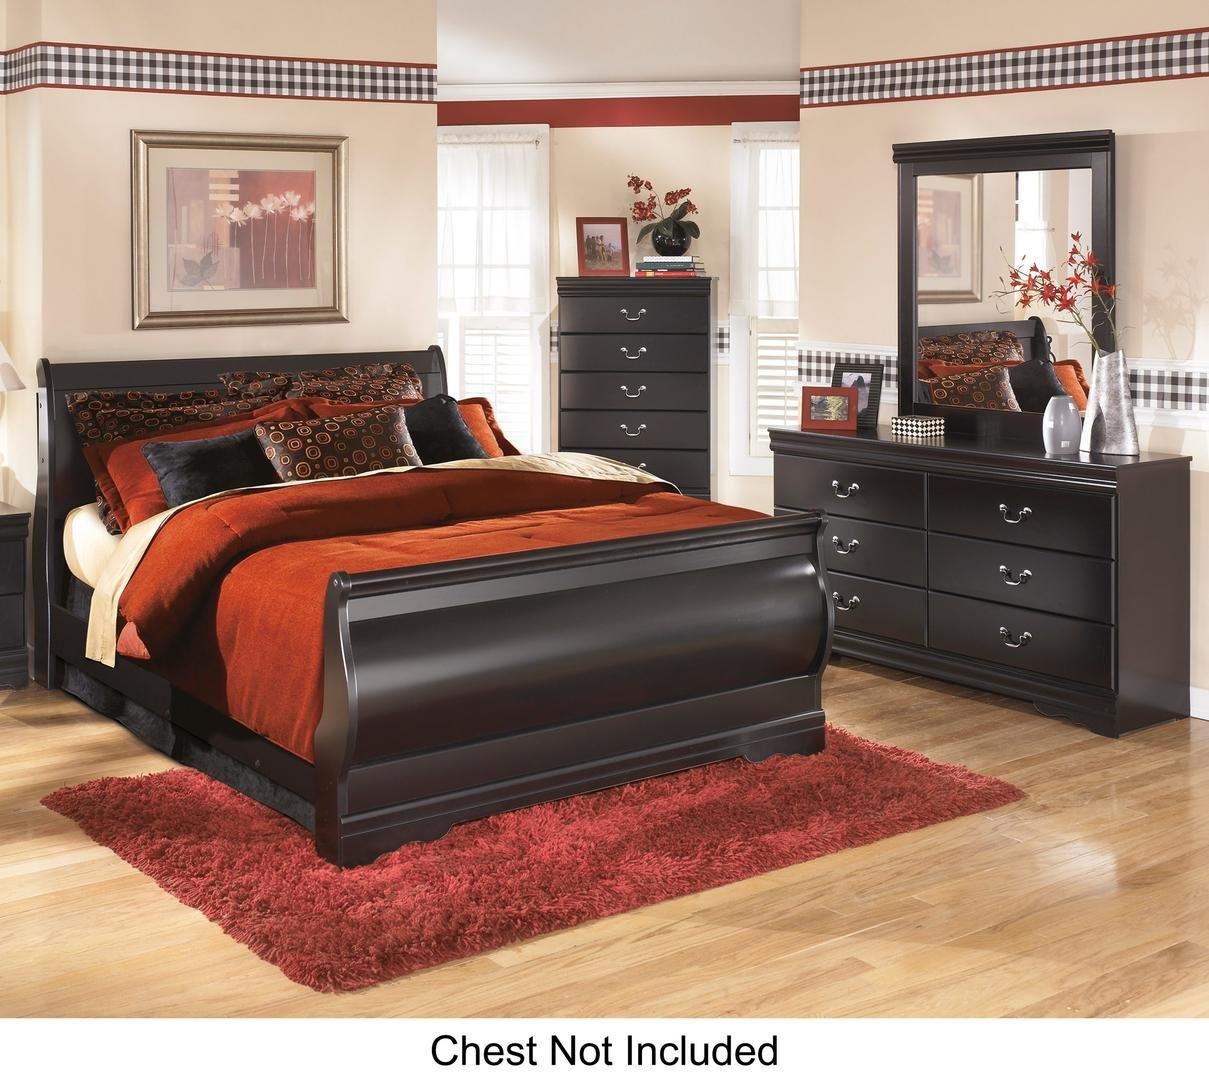 Amazon.com: Huey Vineyard Queen Bedroom Set with Sleigh Bed Dresser ...